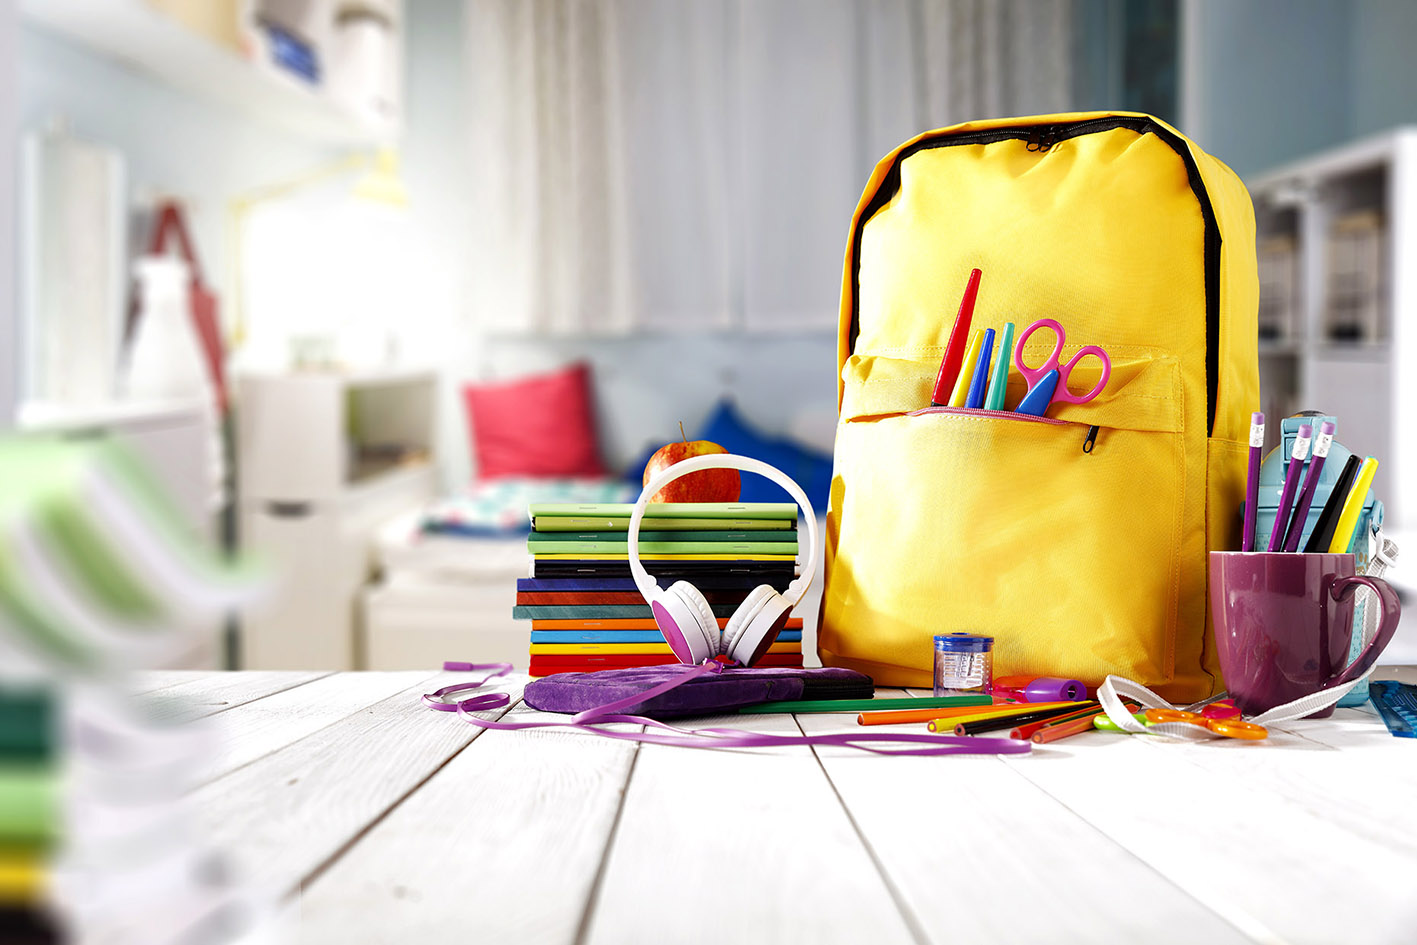 Del 9 de septiembre al 18 de junio se desarrollará el próximo curso escolar en CLM.